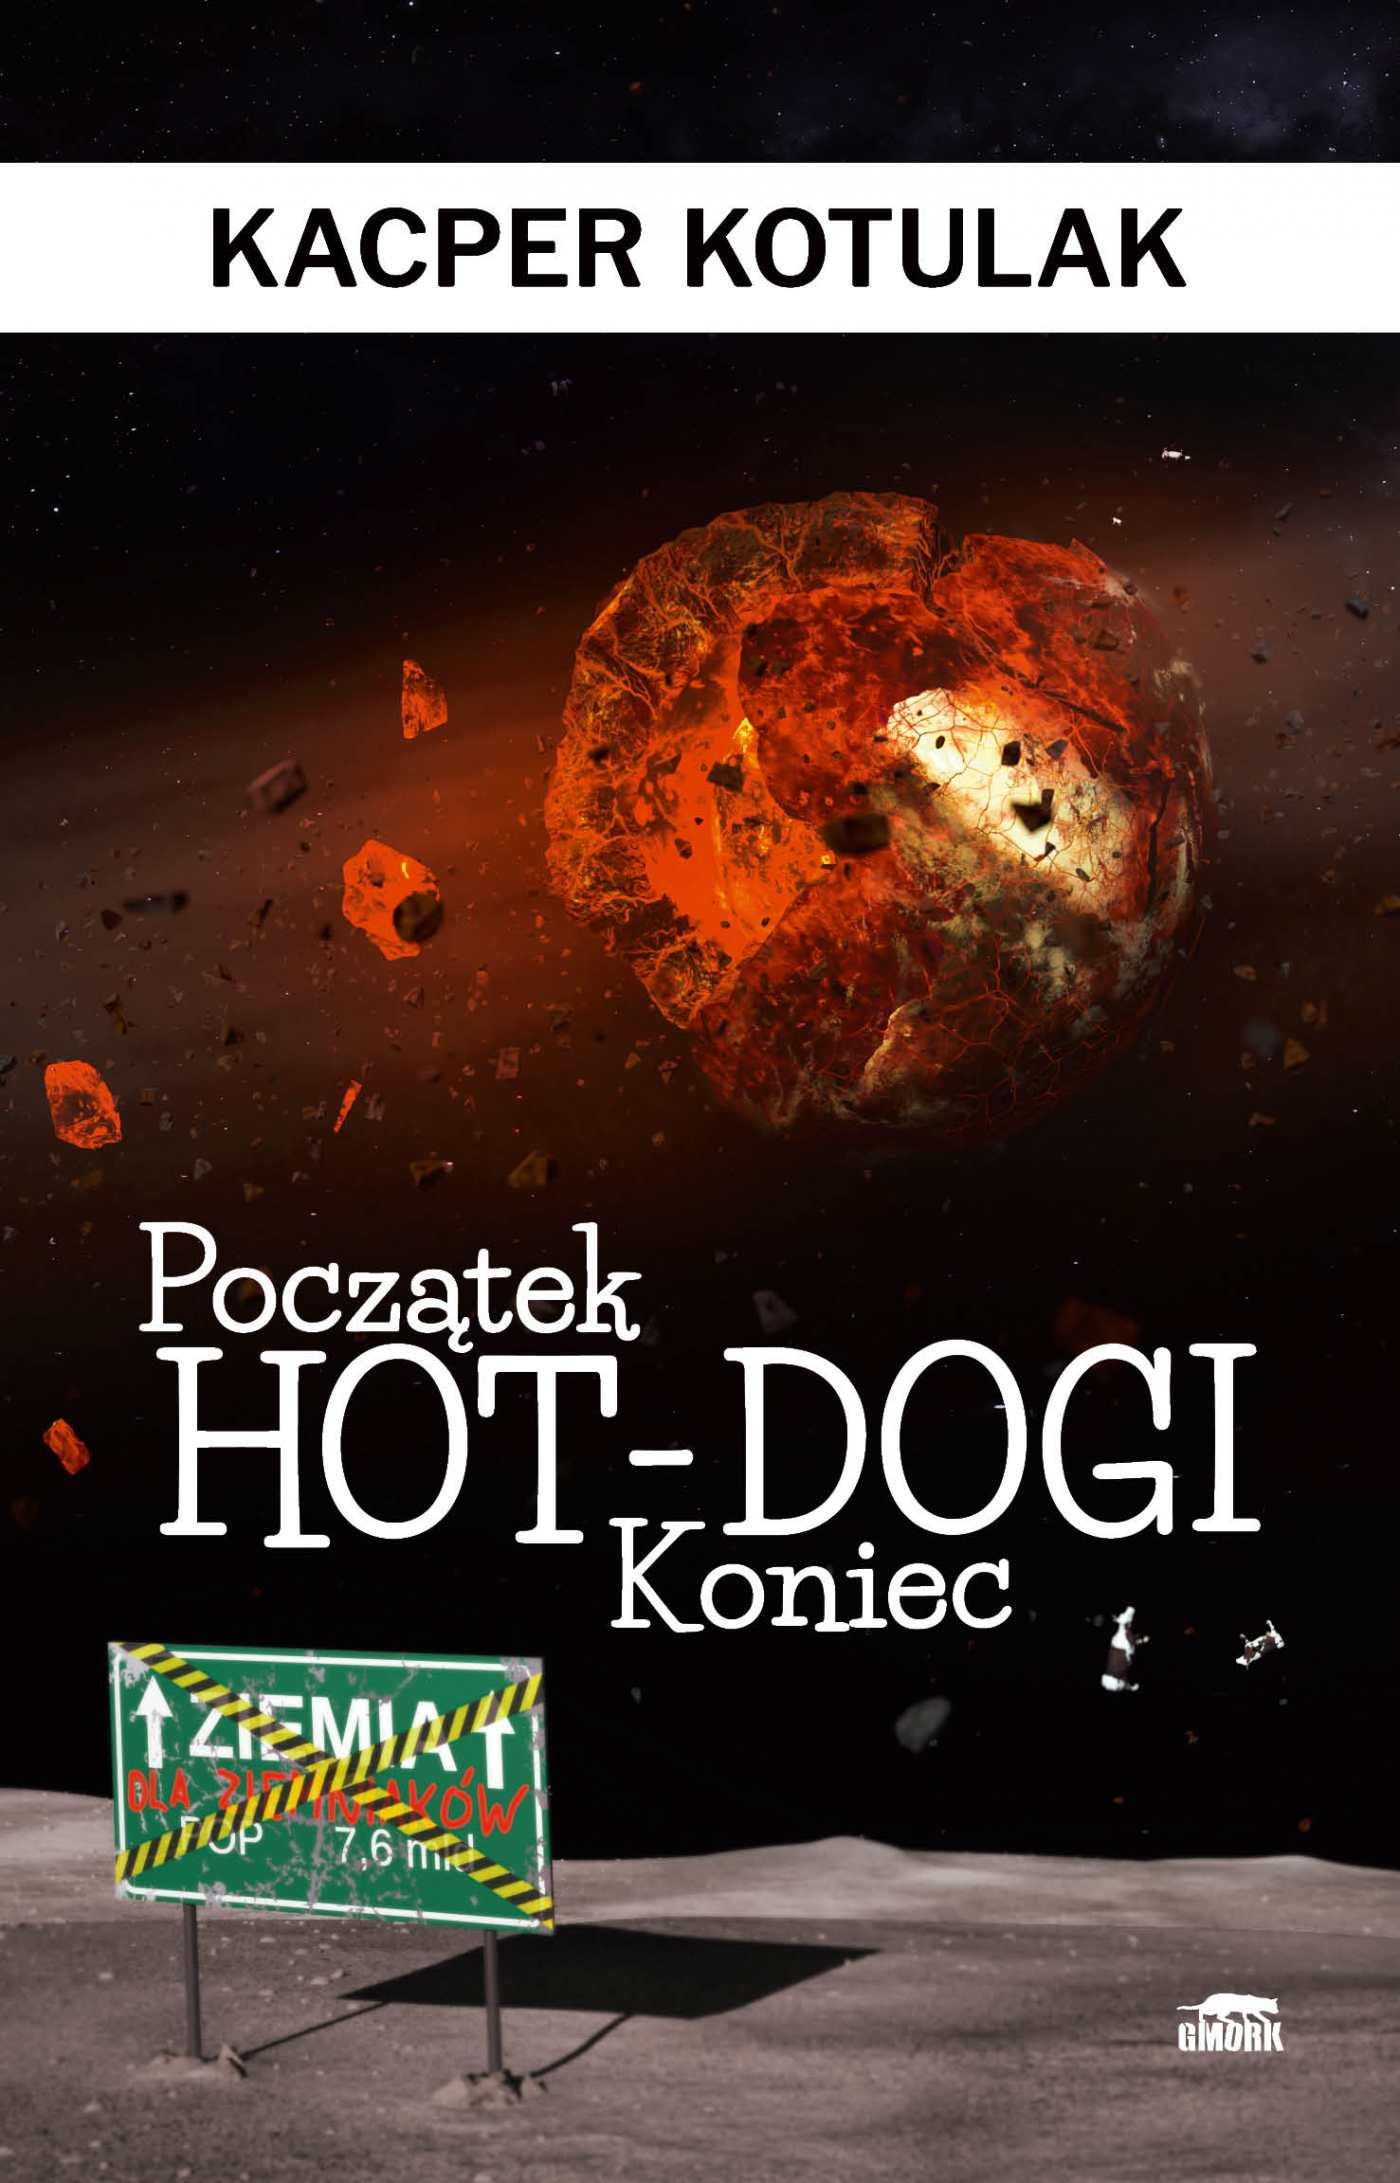 Początek, koniec i hot-dogi - Ebook (Książka PDF) do pobrania w formacie PDF